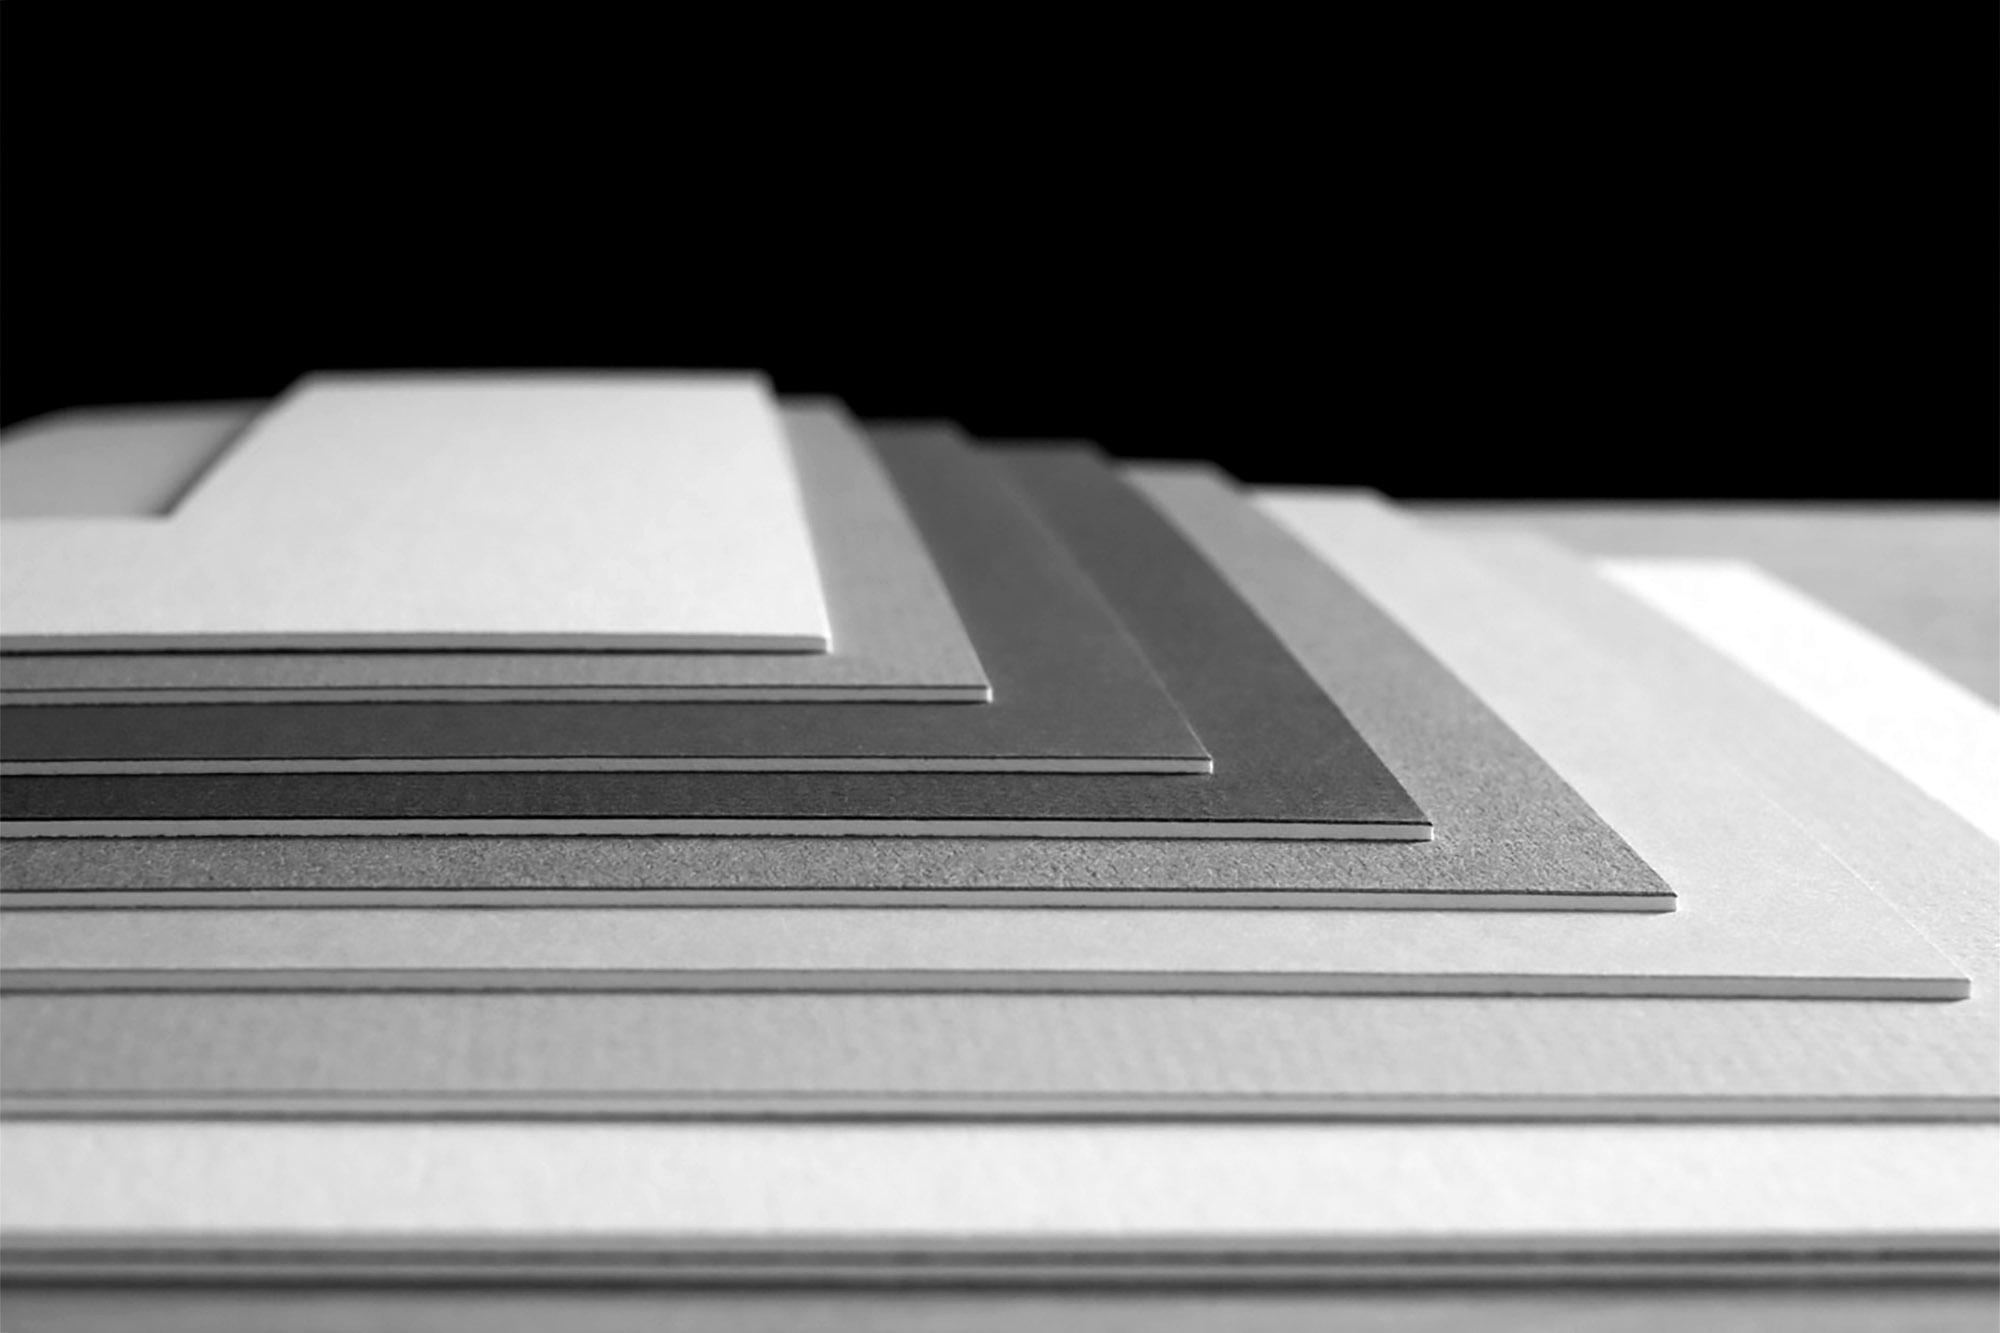 Neess encadrement atelier encadreur cadres sur-mesure style ancien contemporain bois aluminium plomb verre passe-partout marie-louise rue du page Châtelain Bruxelles